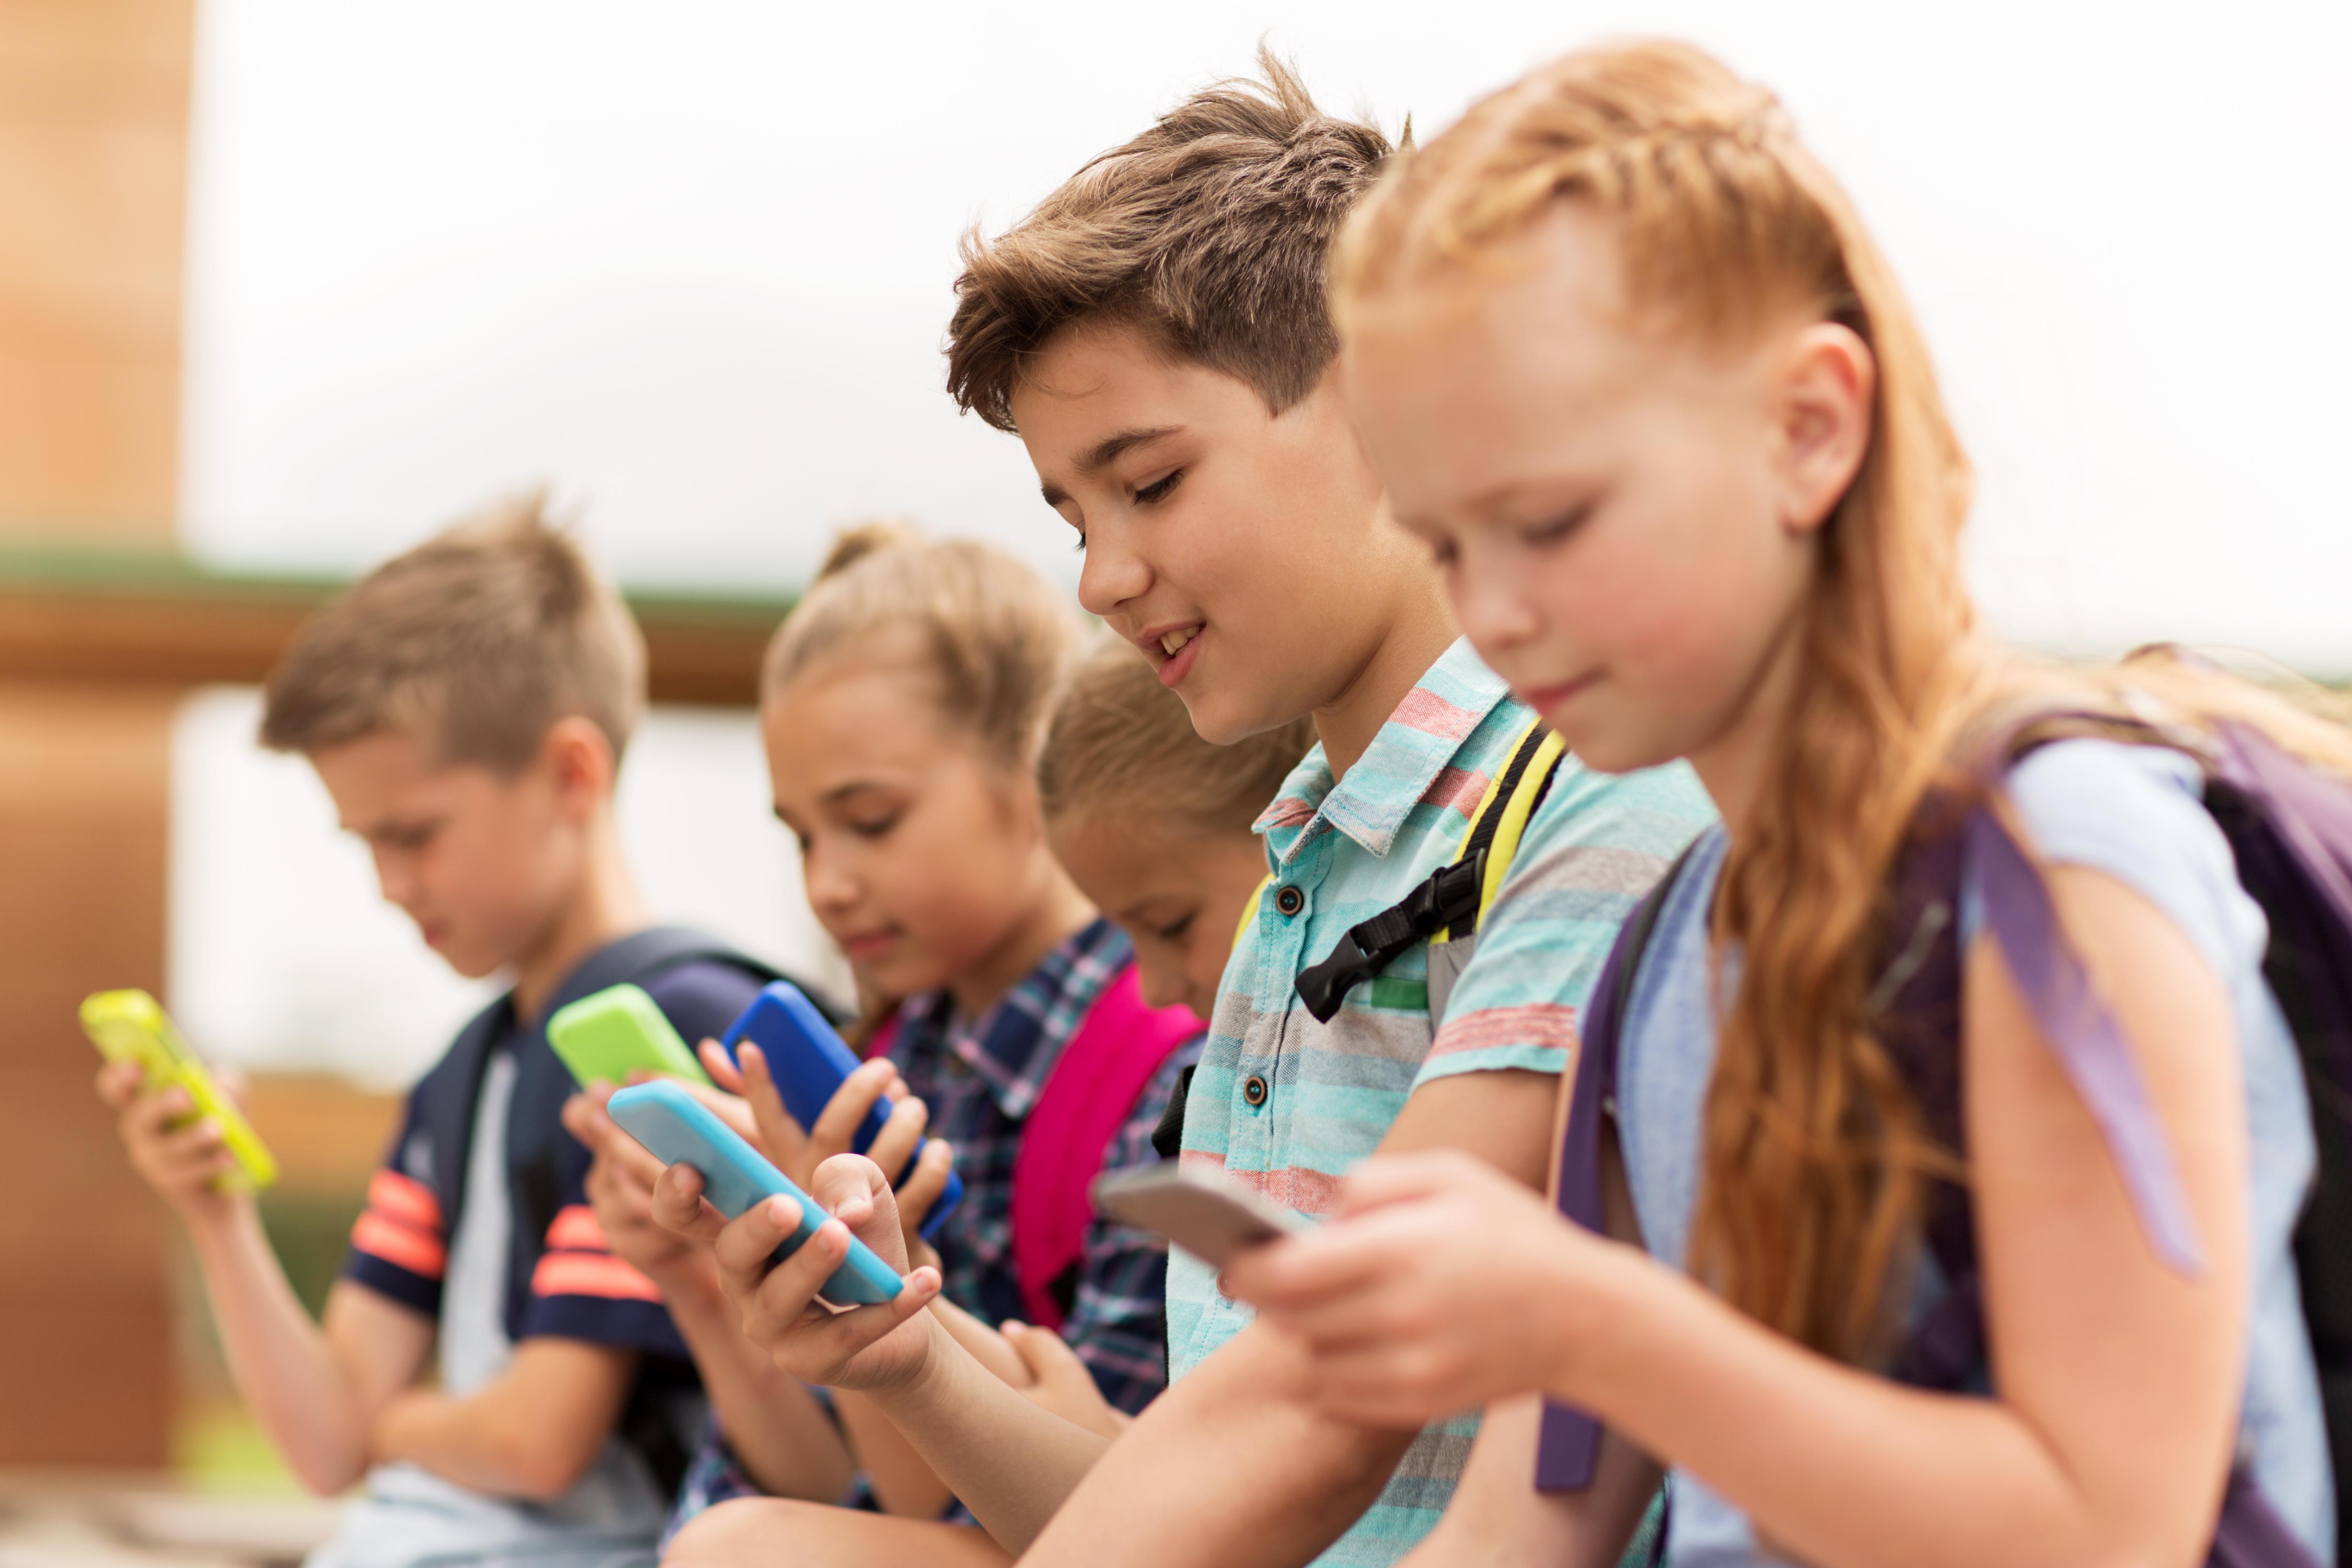 Children using smartphones.